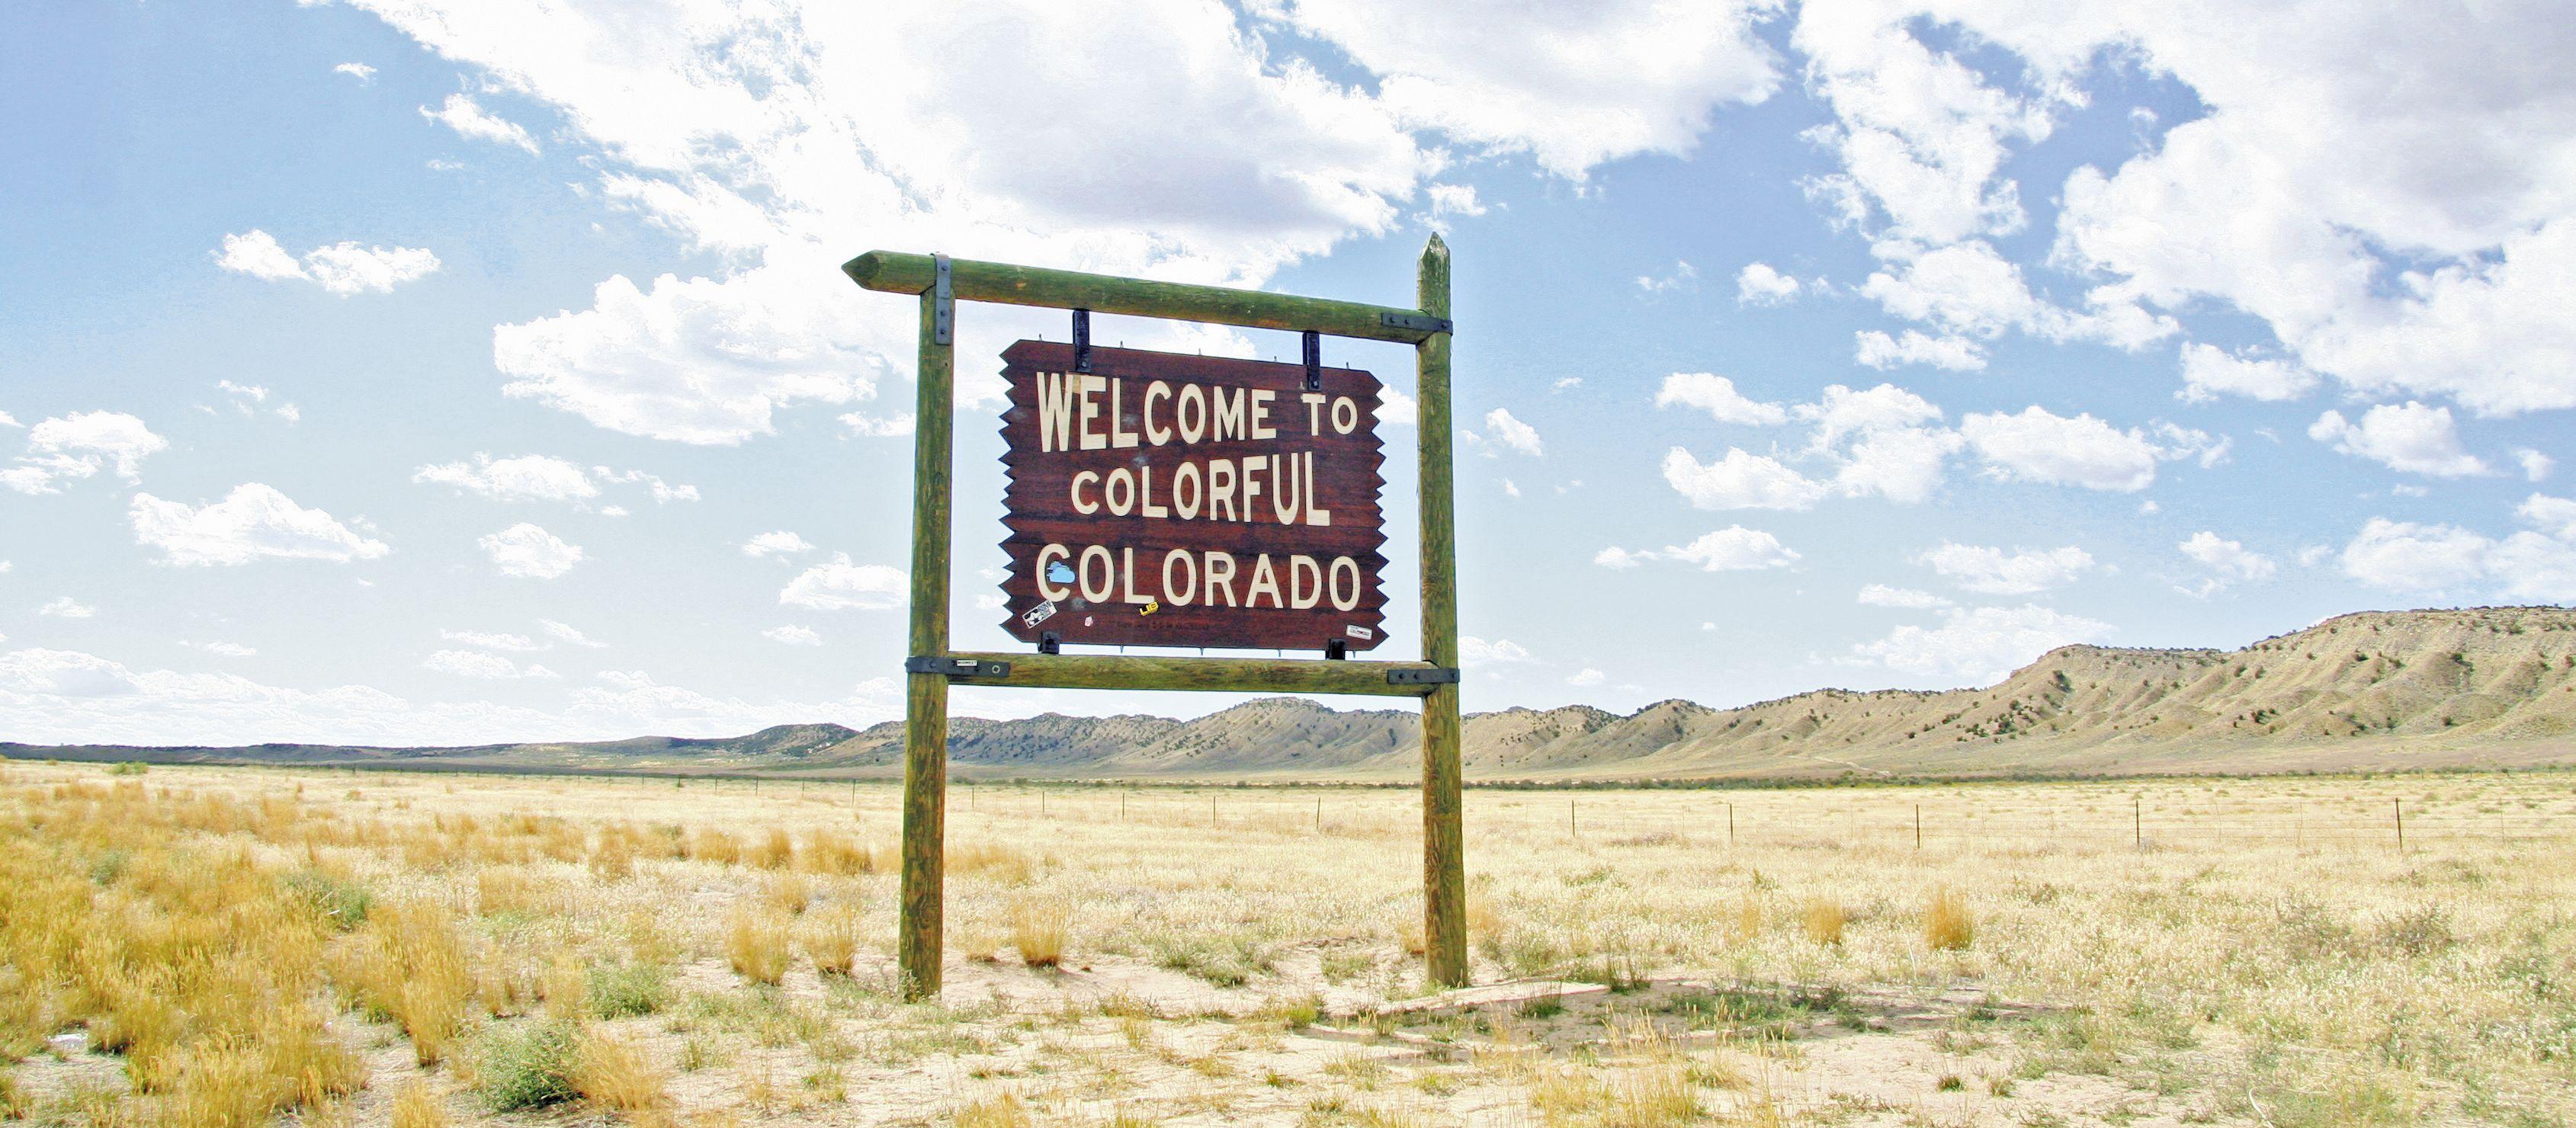 Willkommens-Schild in Colorado